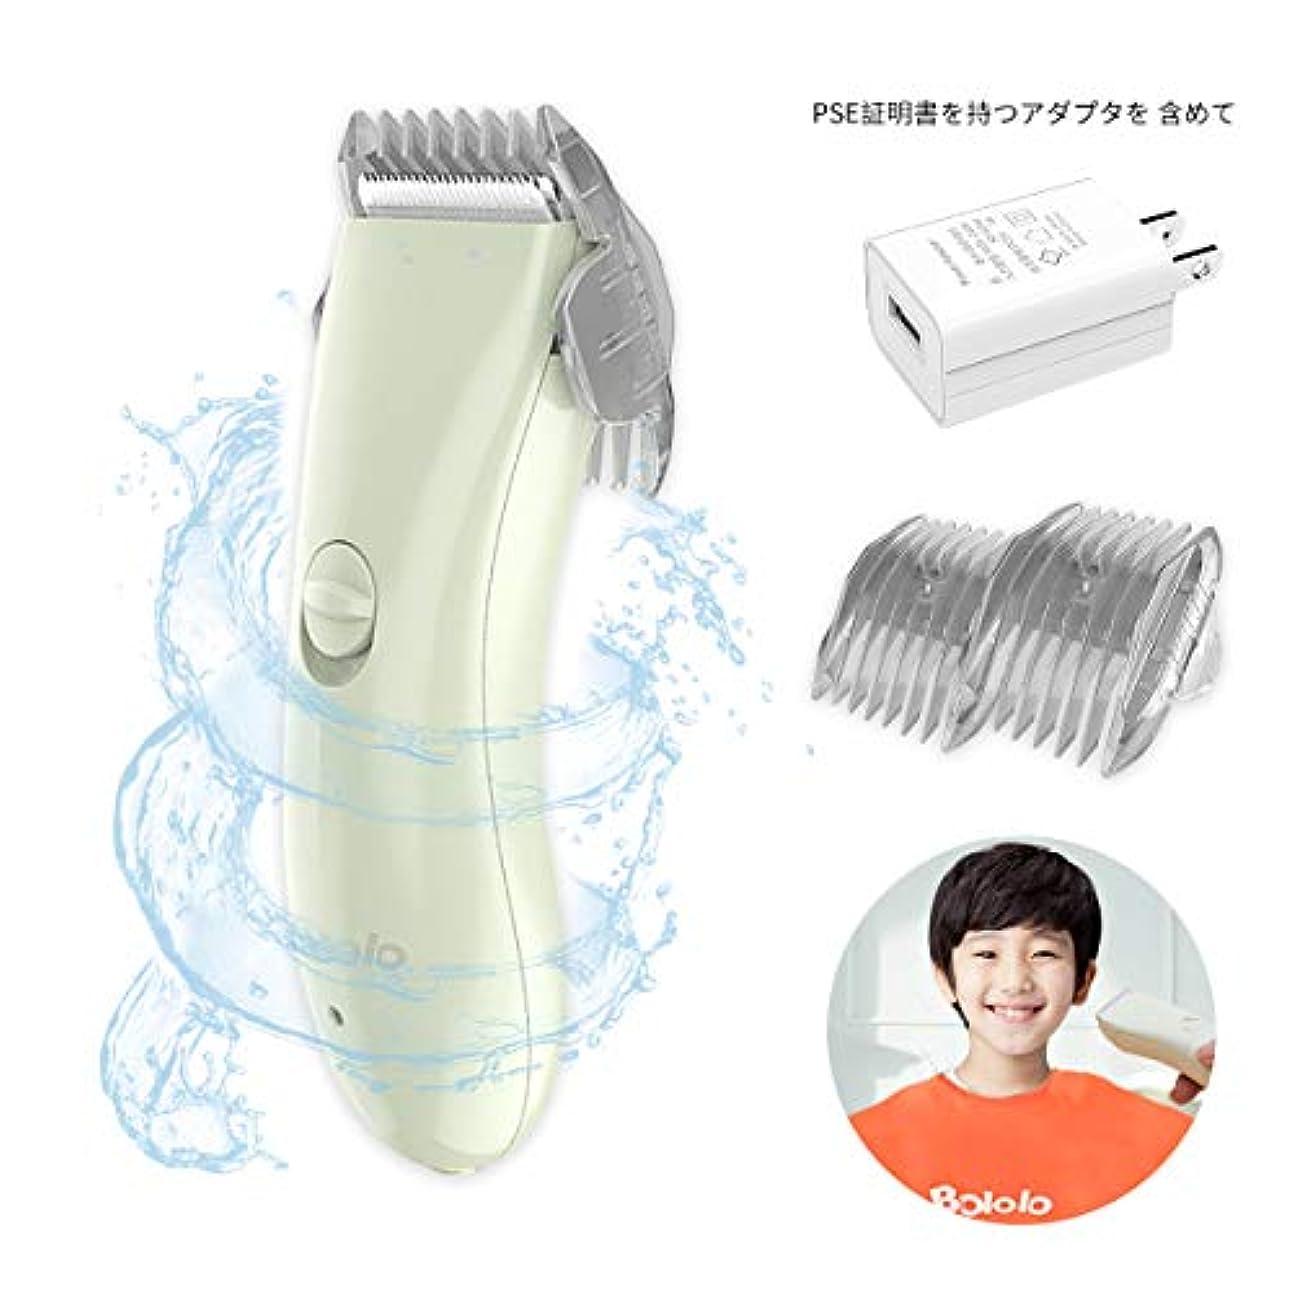 遮る会員店員BOLOLO 子供バリカン こども用 散髪 防水 充電·交流式 緑 BL-2400 PSE証明書を持つアダプタを 含めて (緑白) …